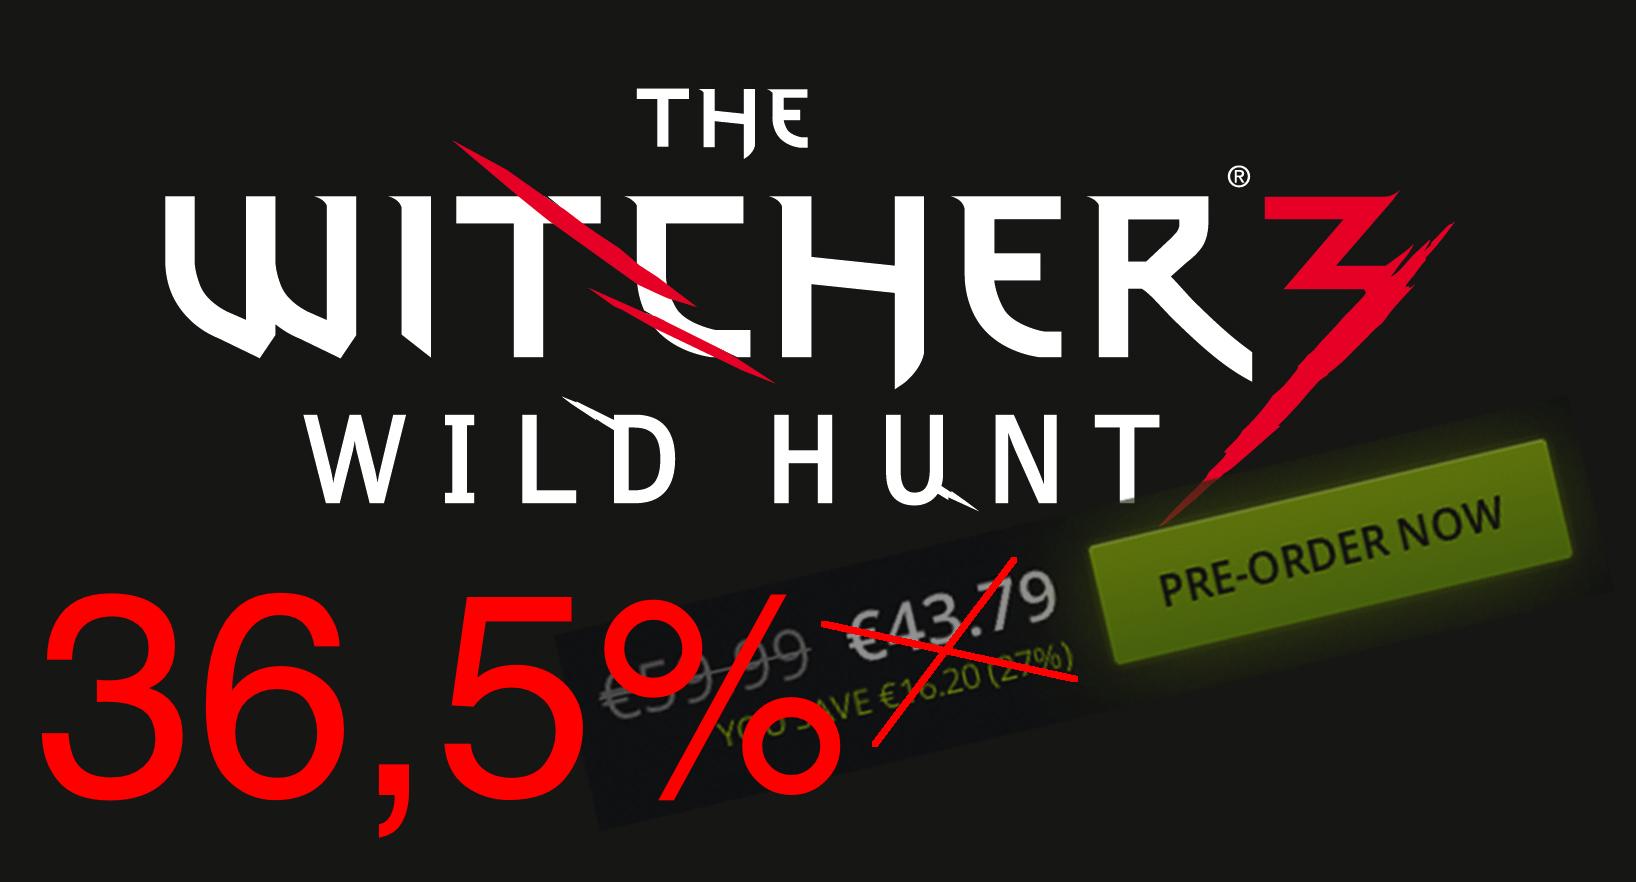 Come avere The Witcher 3 con il 36,5% di sconto